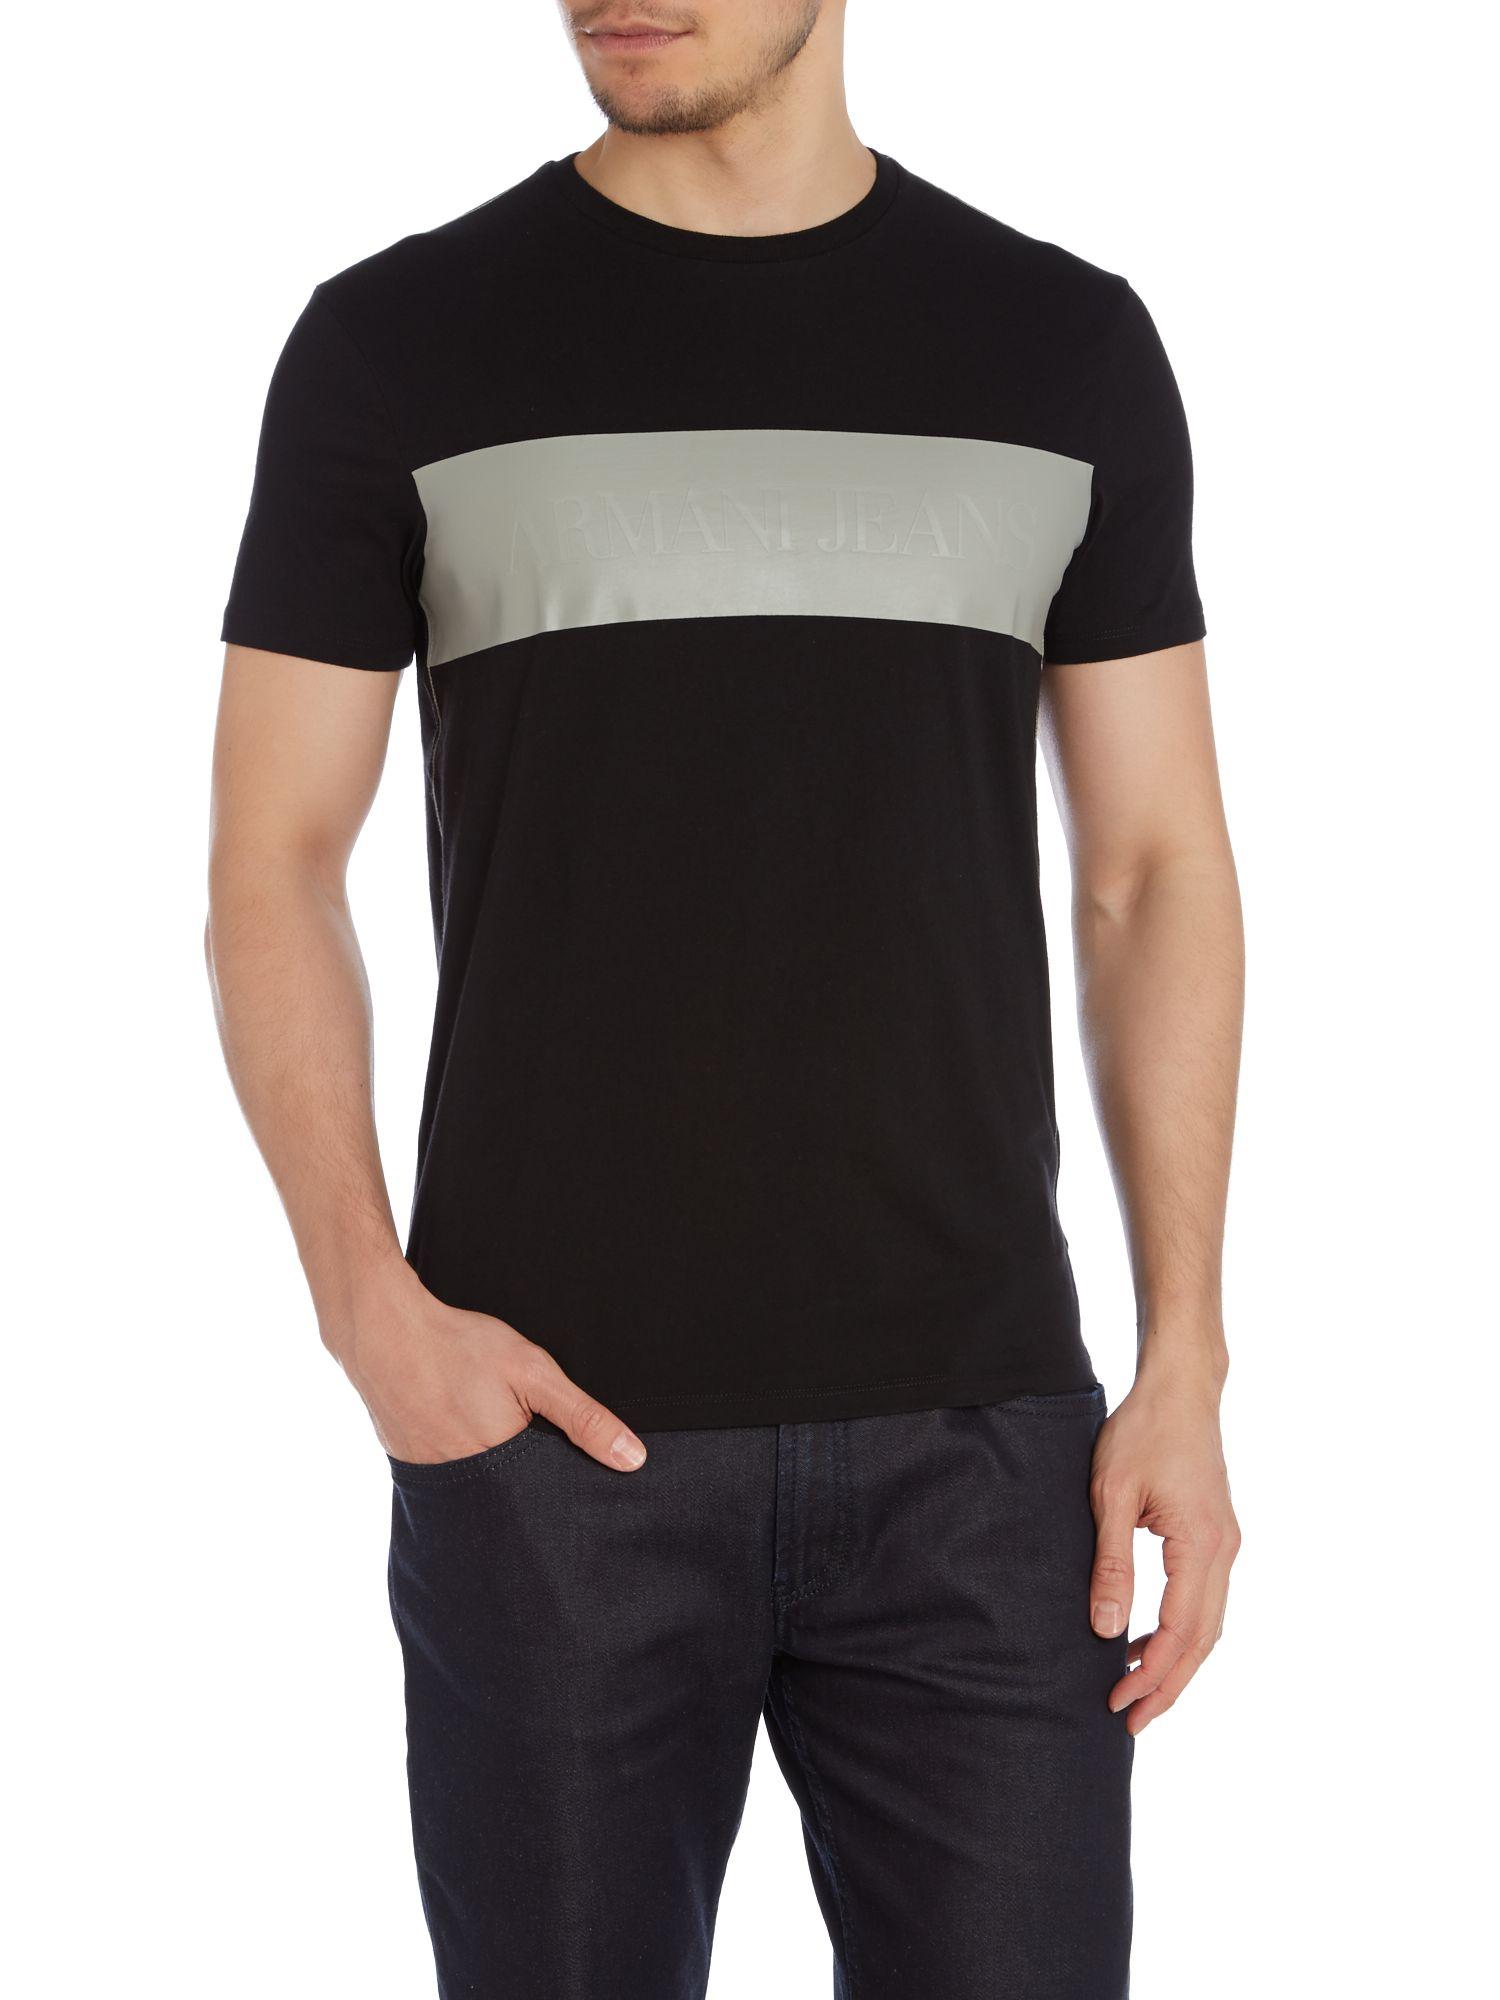 armani jeans strip logo t shirt in black for men lyst. Black Bedroom Furniture Sets. Home Design Ideas